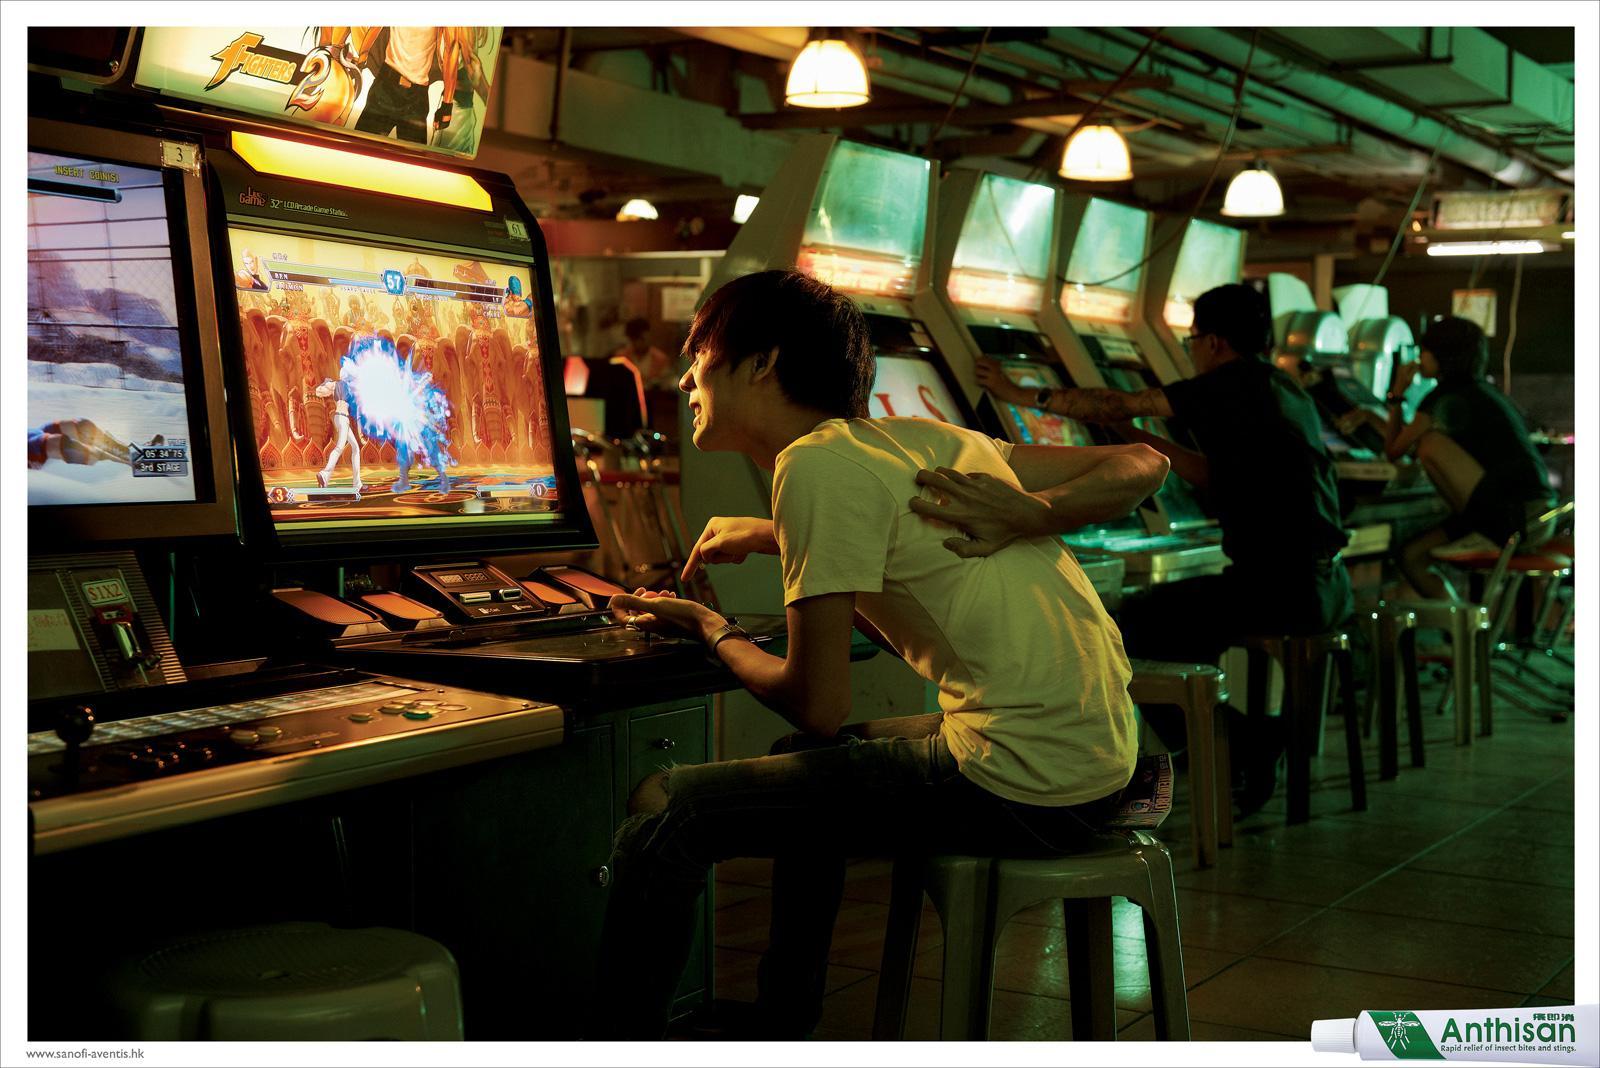 Anthisan Print Ad -  3rd Arm, Game center